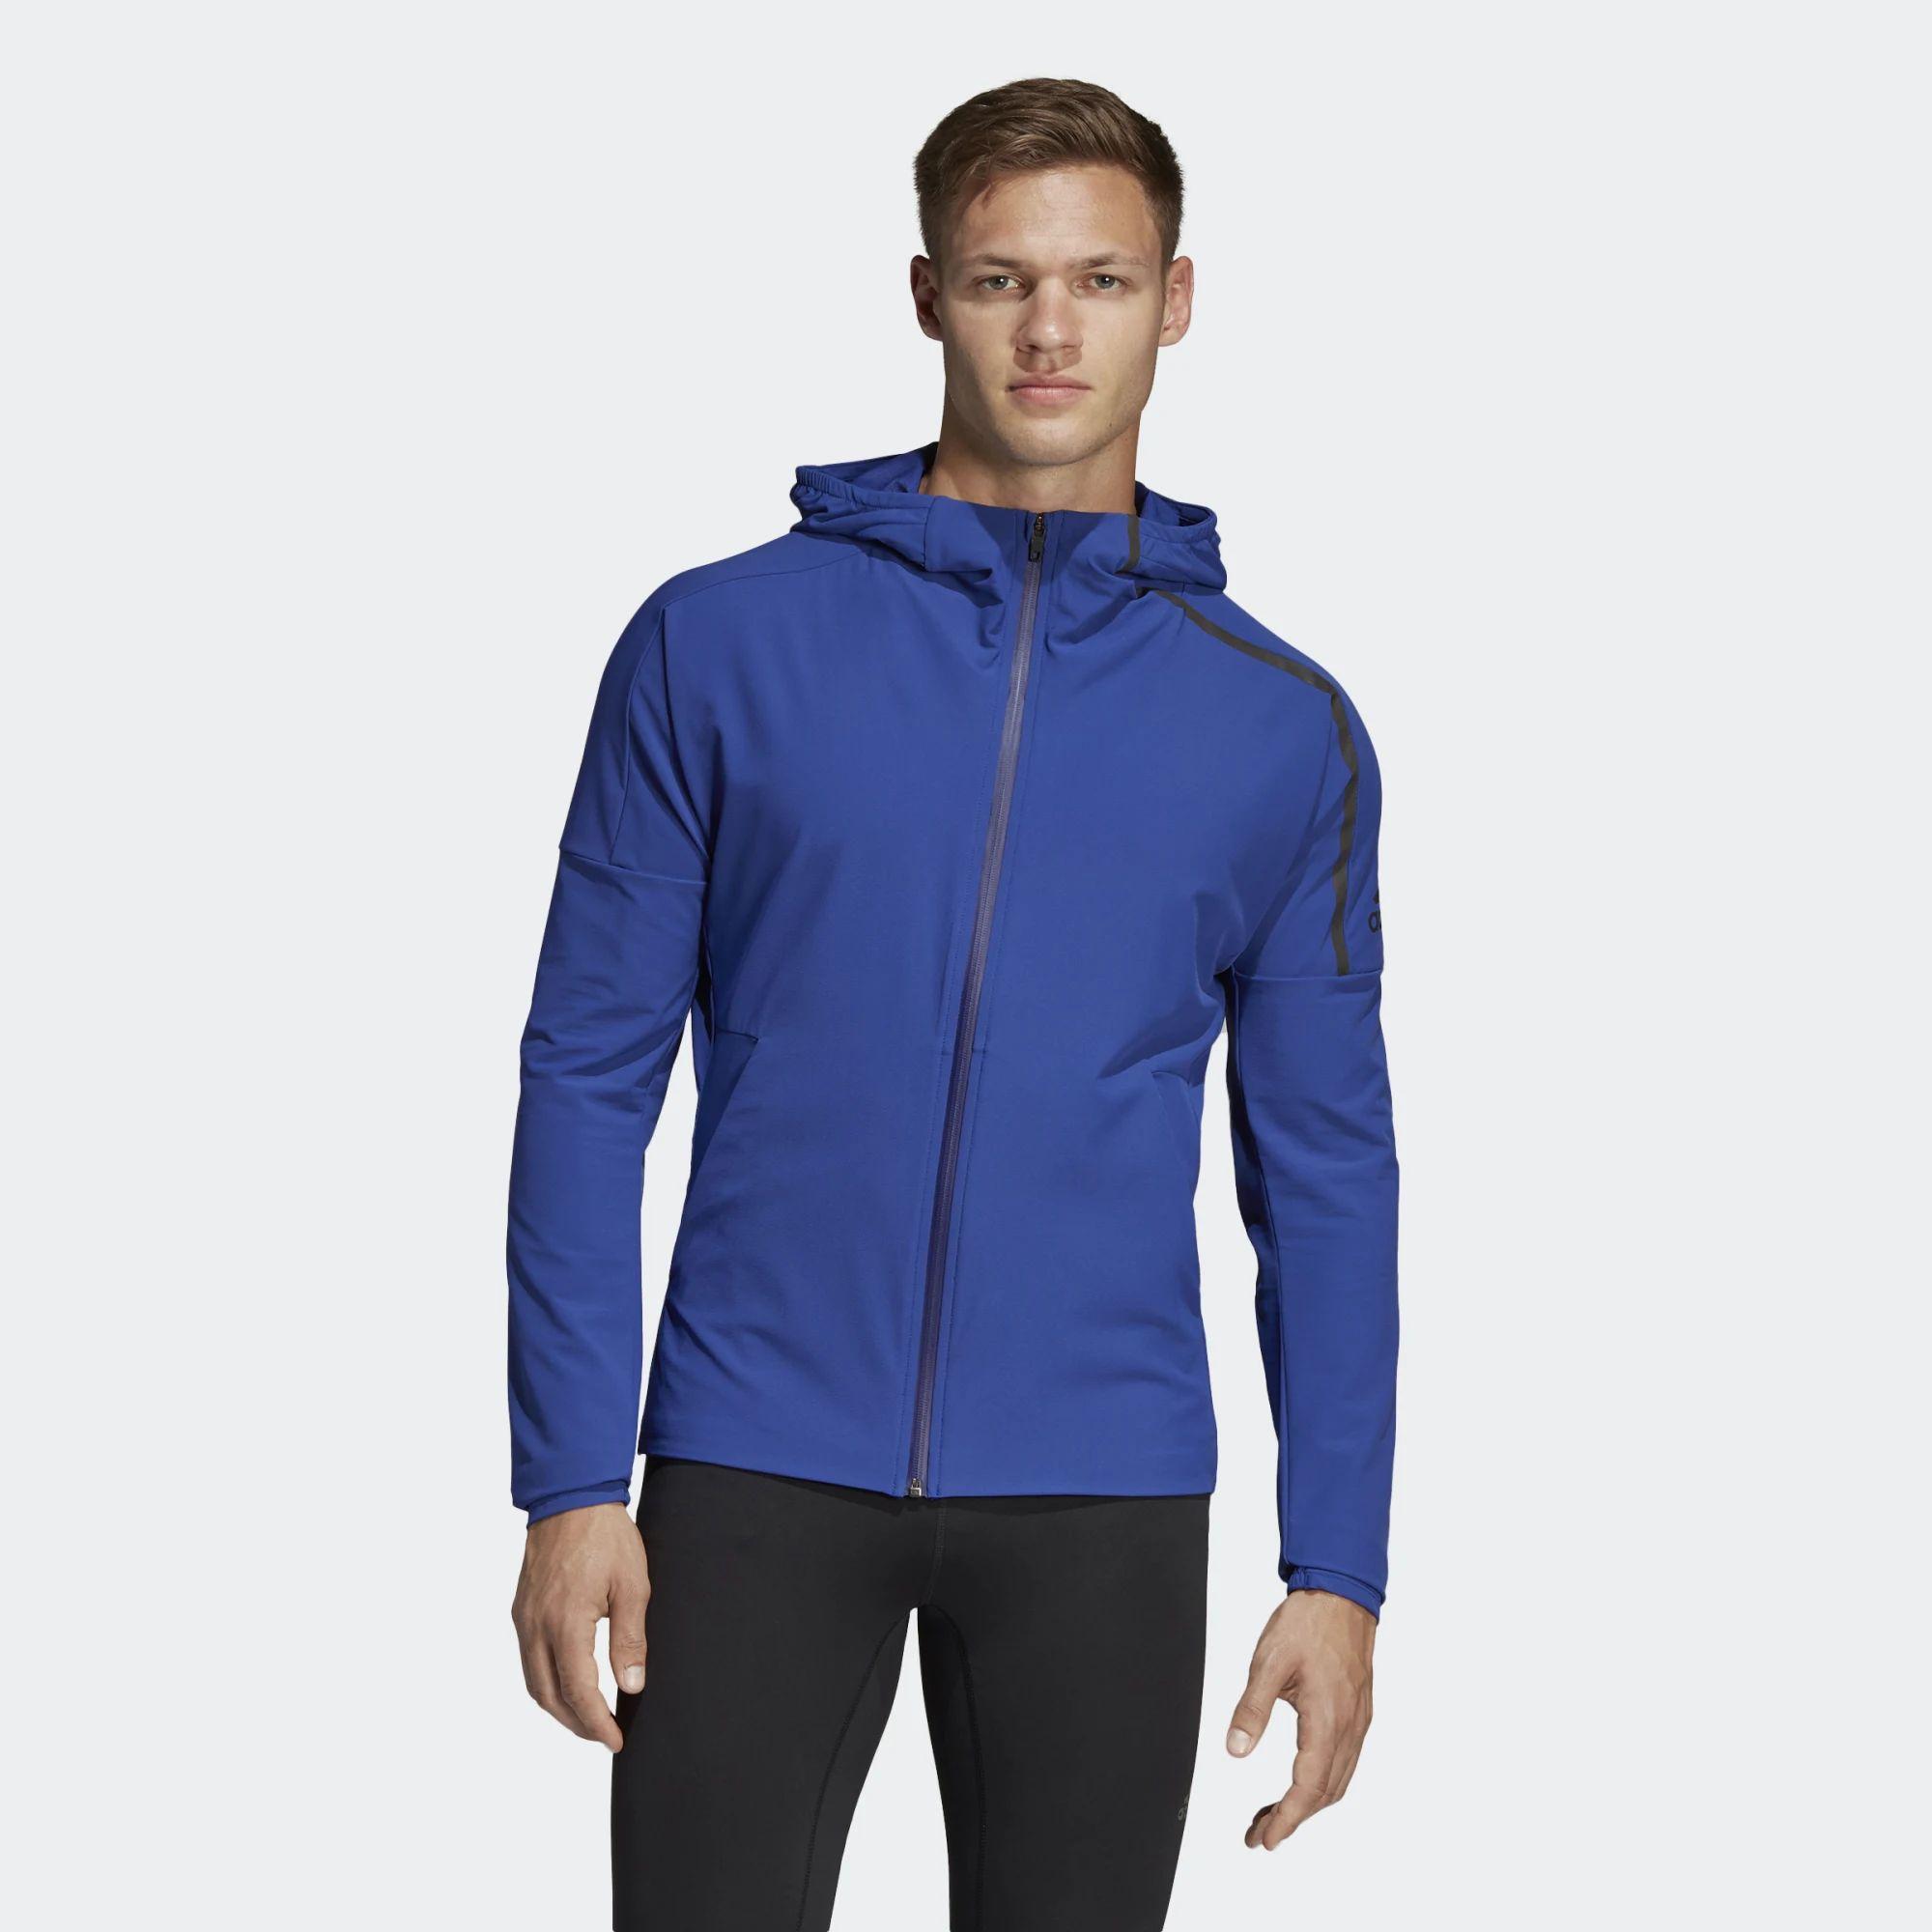 Adidas Z.N.E. Hardloop Jas van 119,95 voor 35,95 @Wehkamp